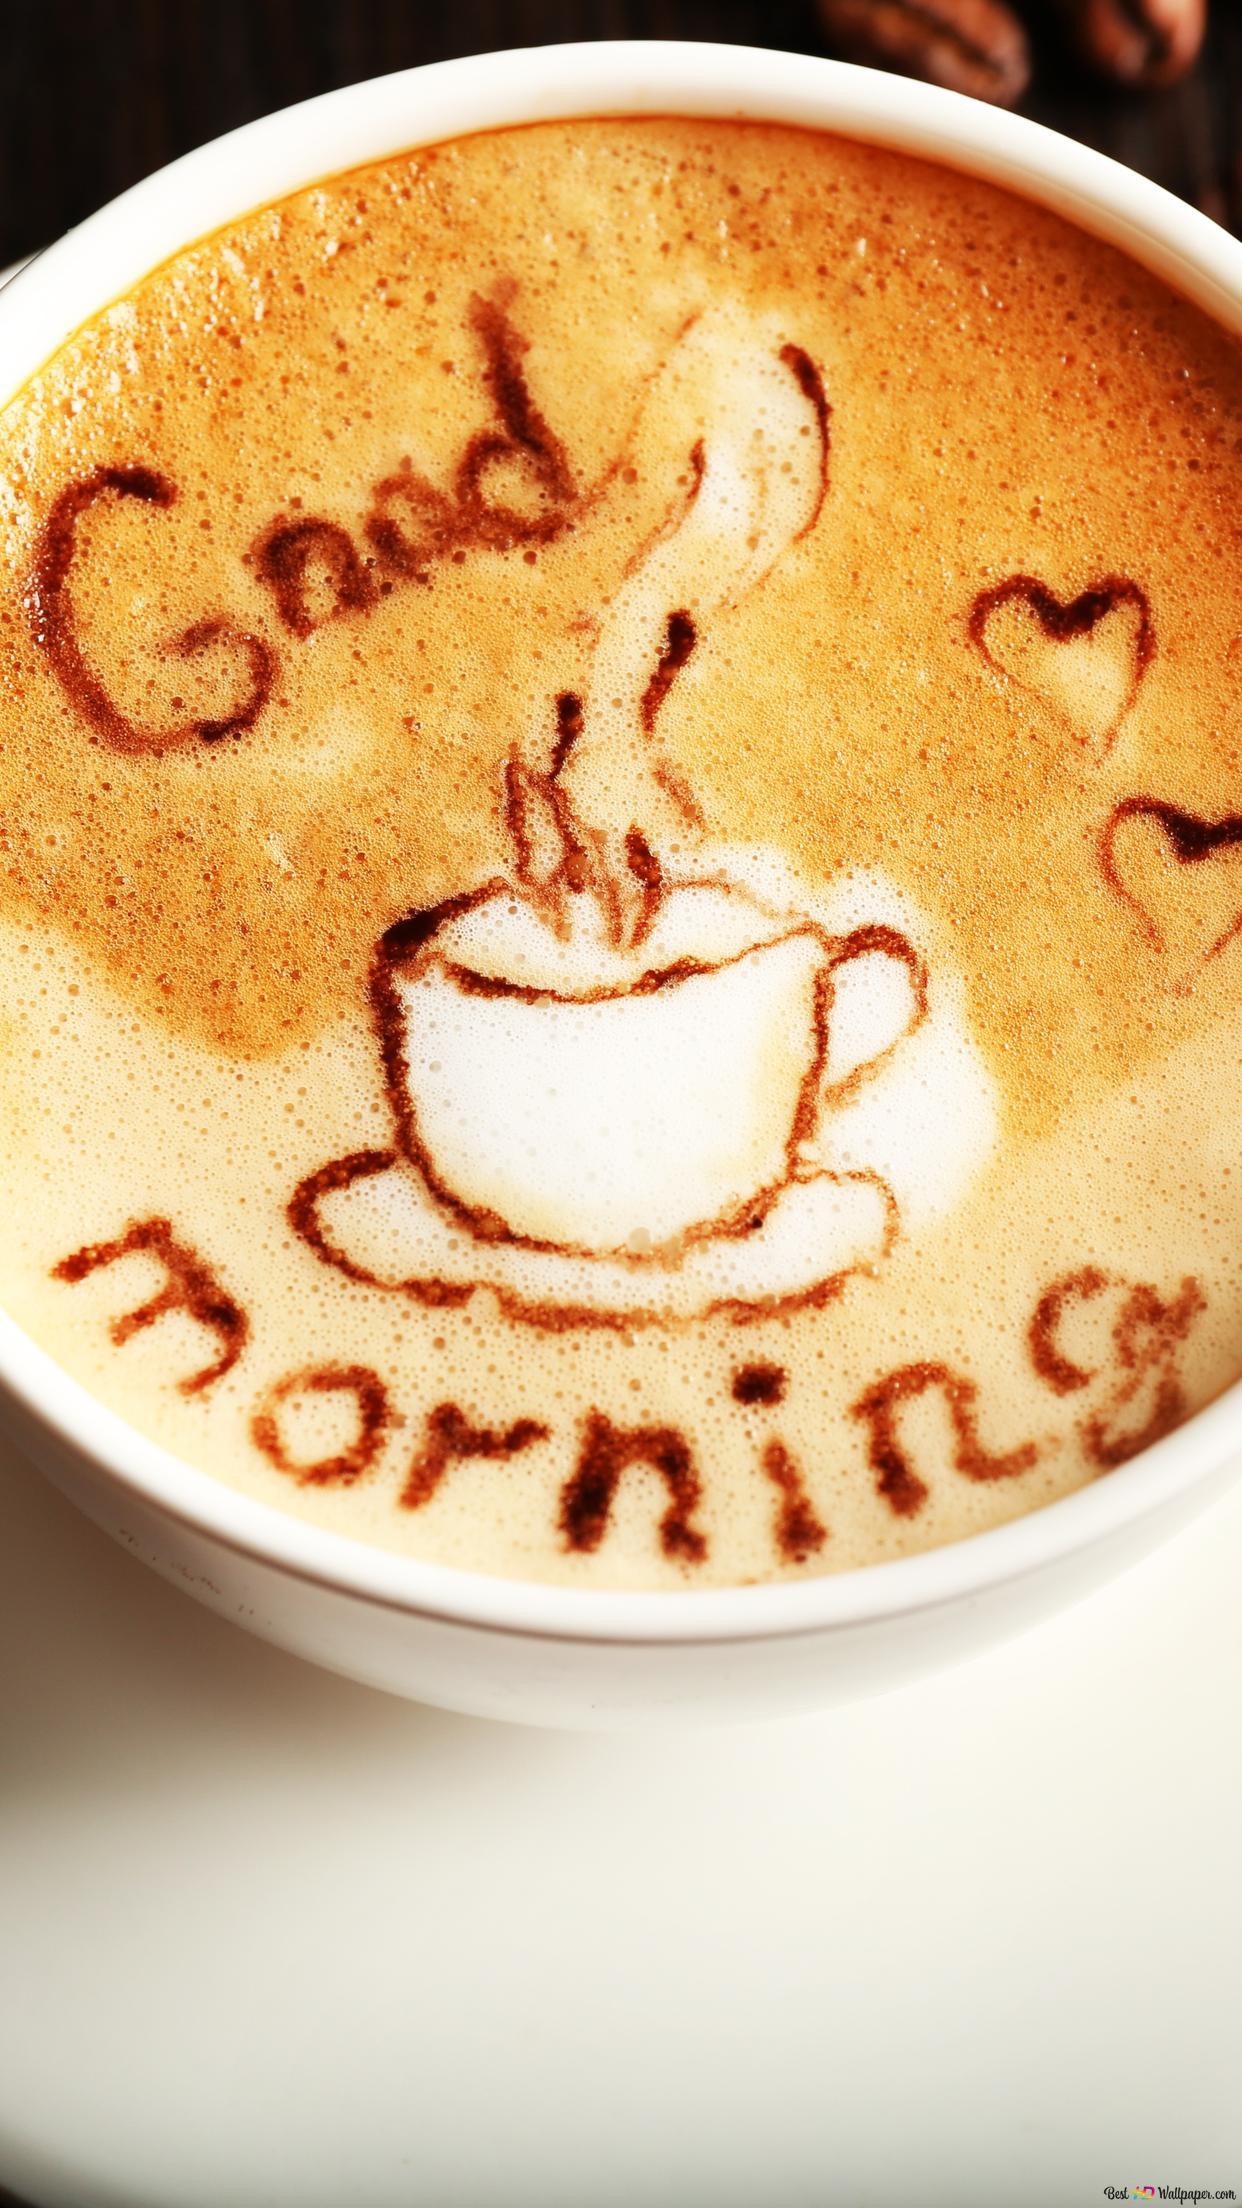 Надписью, открытки с кофейной тематикой с добрым утром